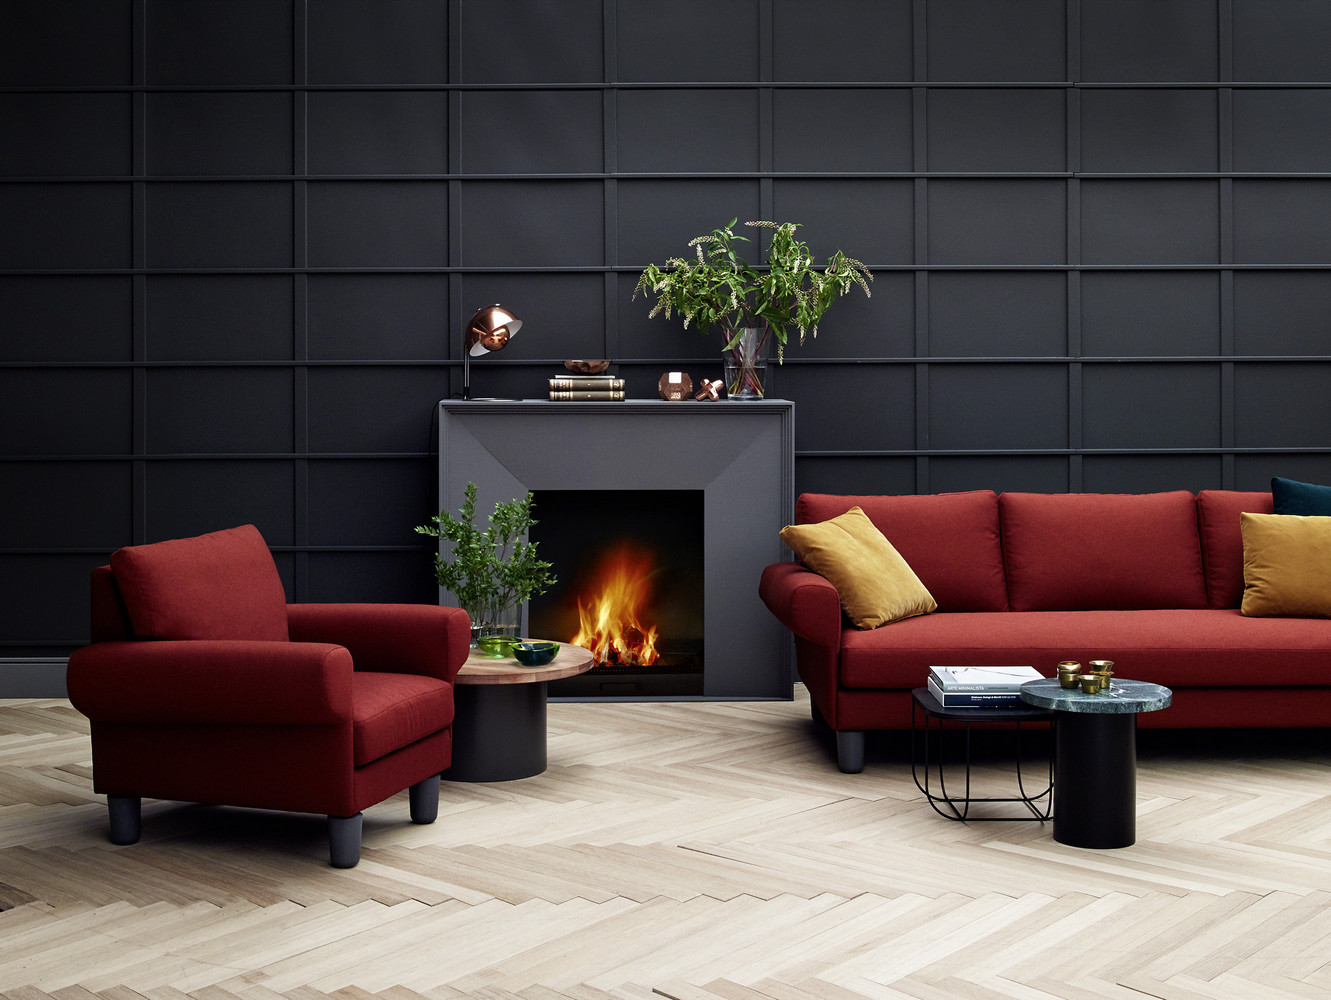 1 joquer pr hogar2015 15 muebles pulido decoracion e - Decoracion e interiorismo madrid ...